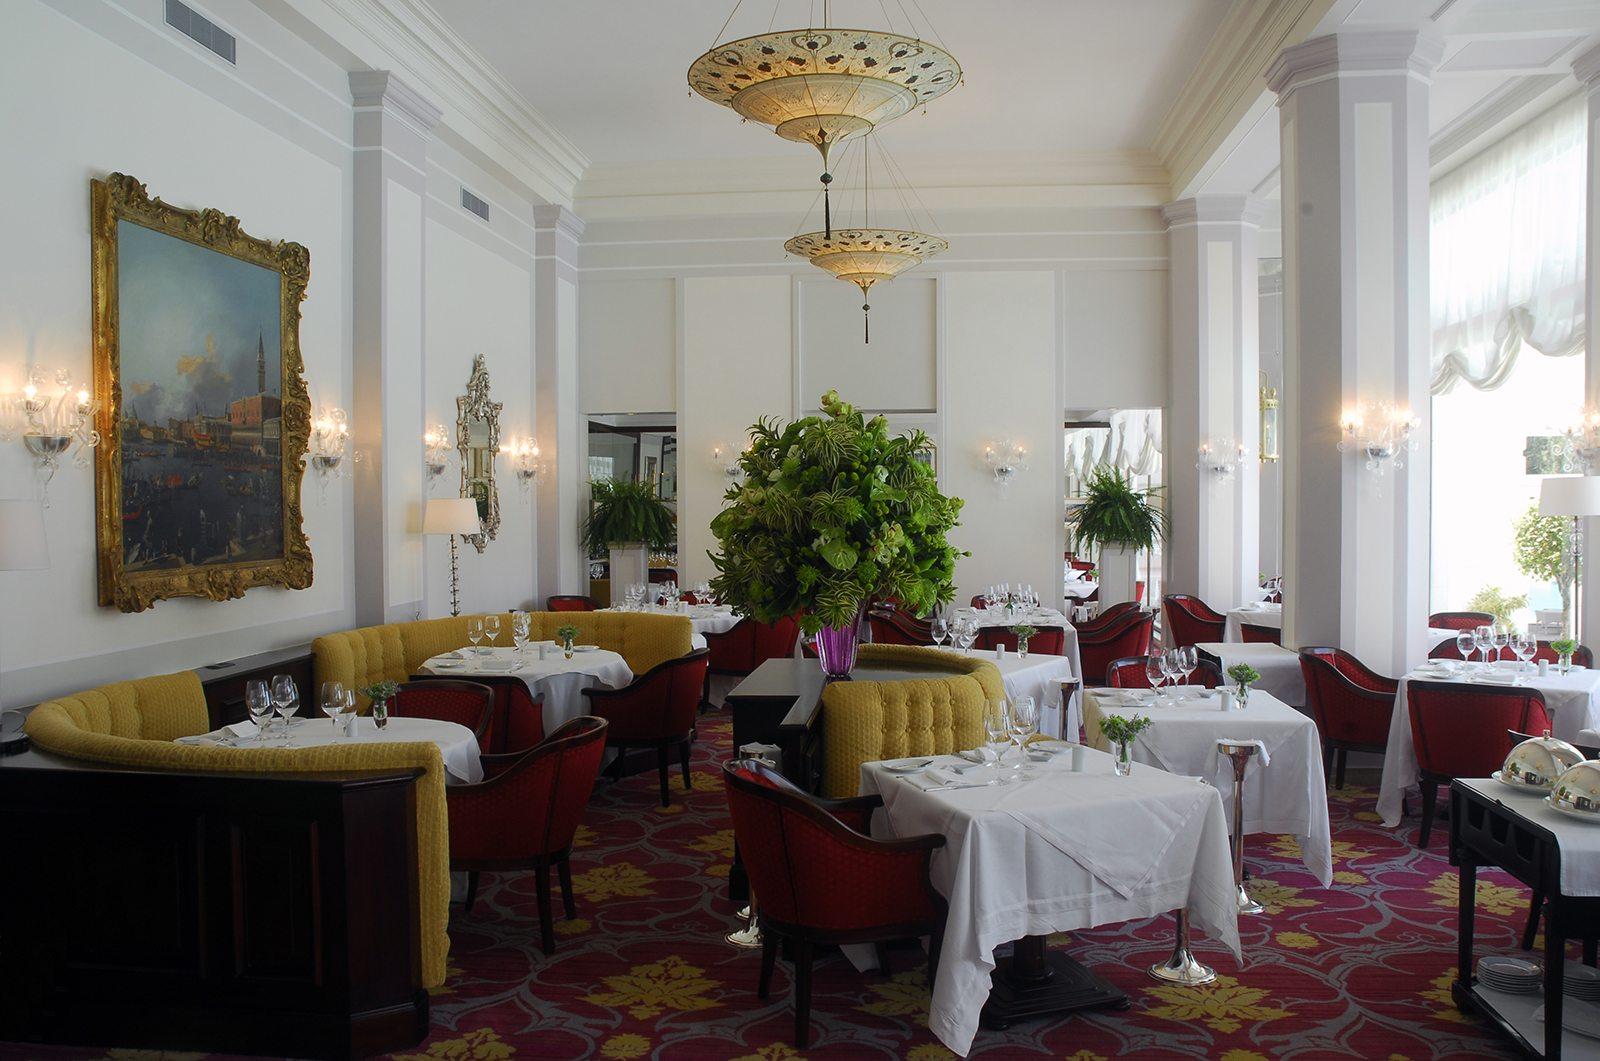 Speisesaal des Ristorante Hotel Cipriani mit Lampen von Fortuny Scheherazade